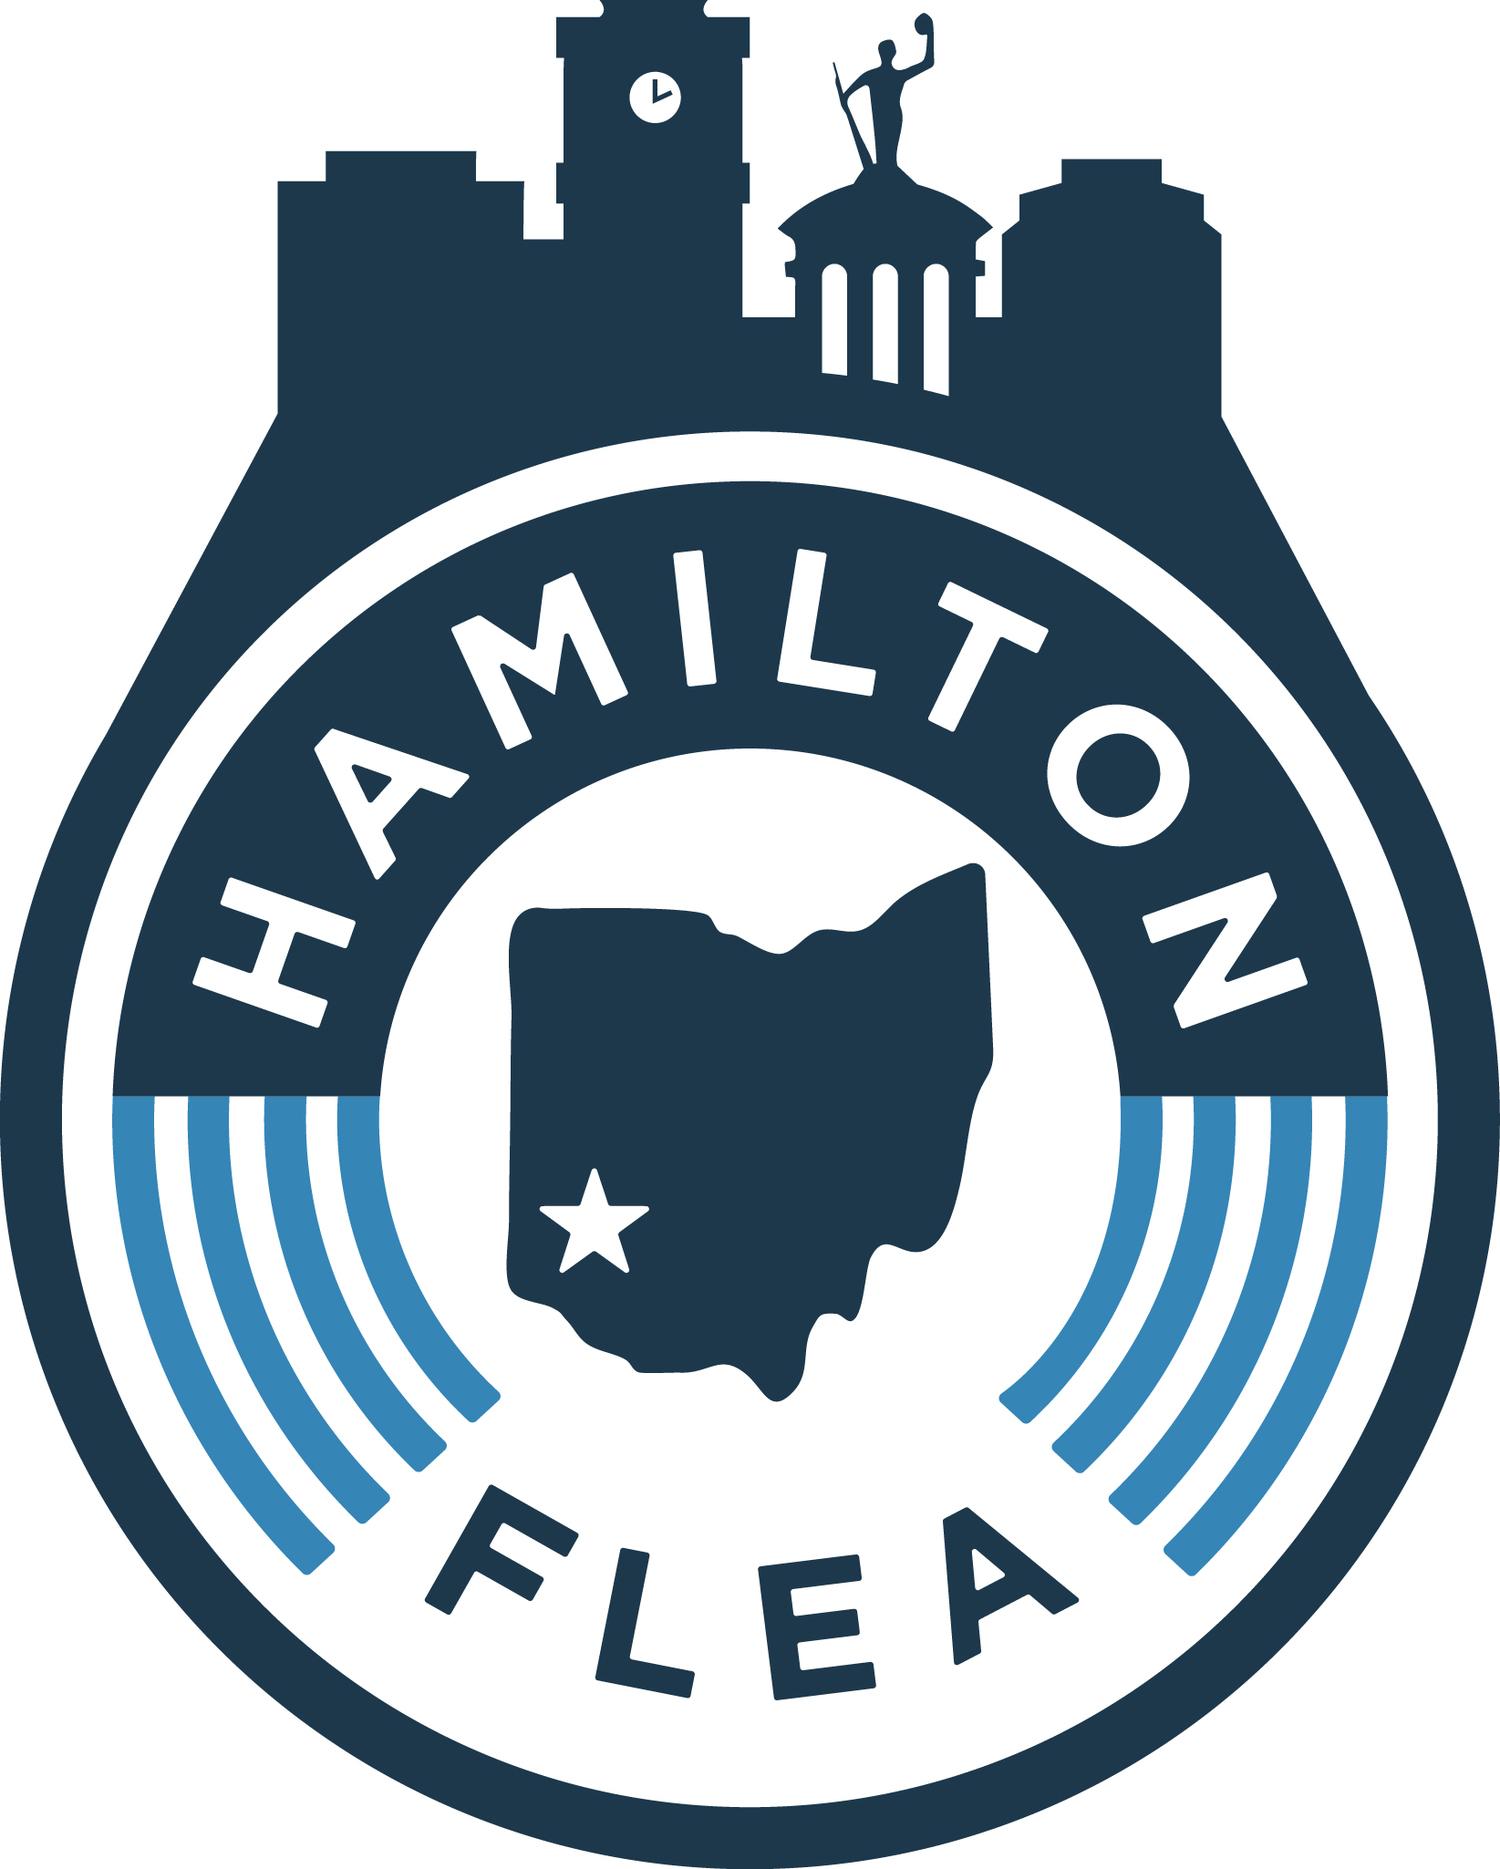 2021 Hamilton Flea Market